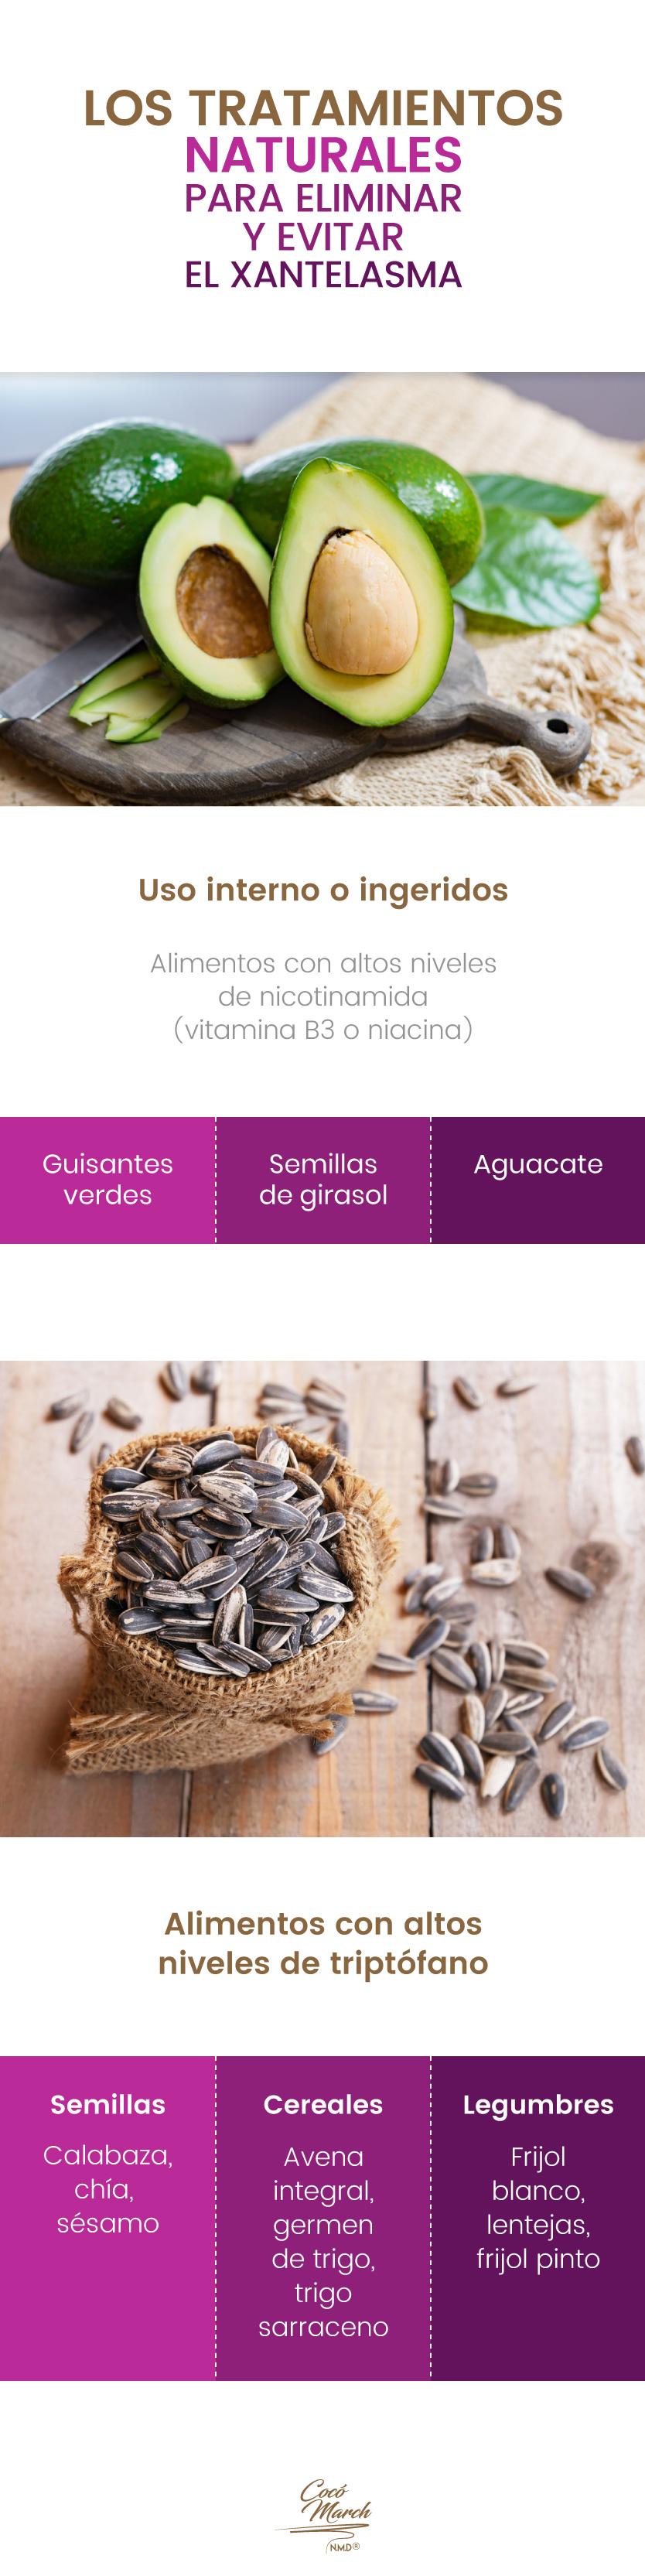 xantelasma-tratamientos-naturales